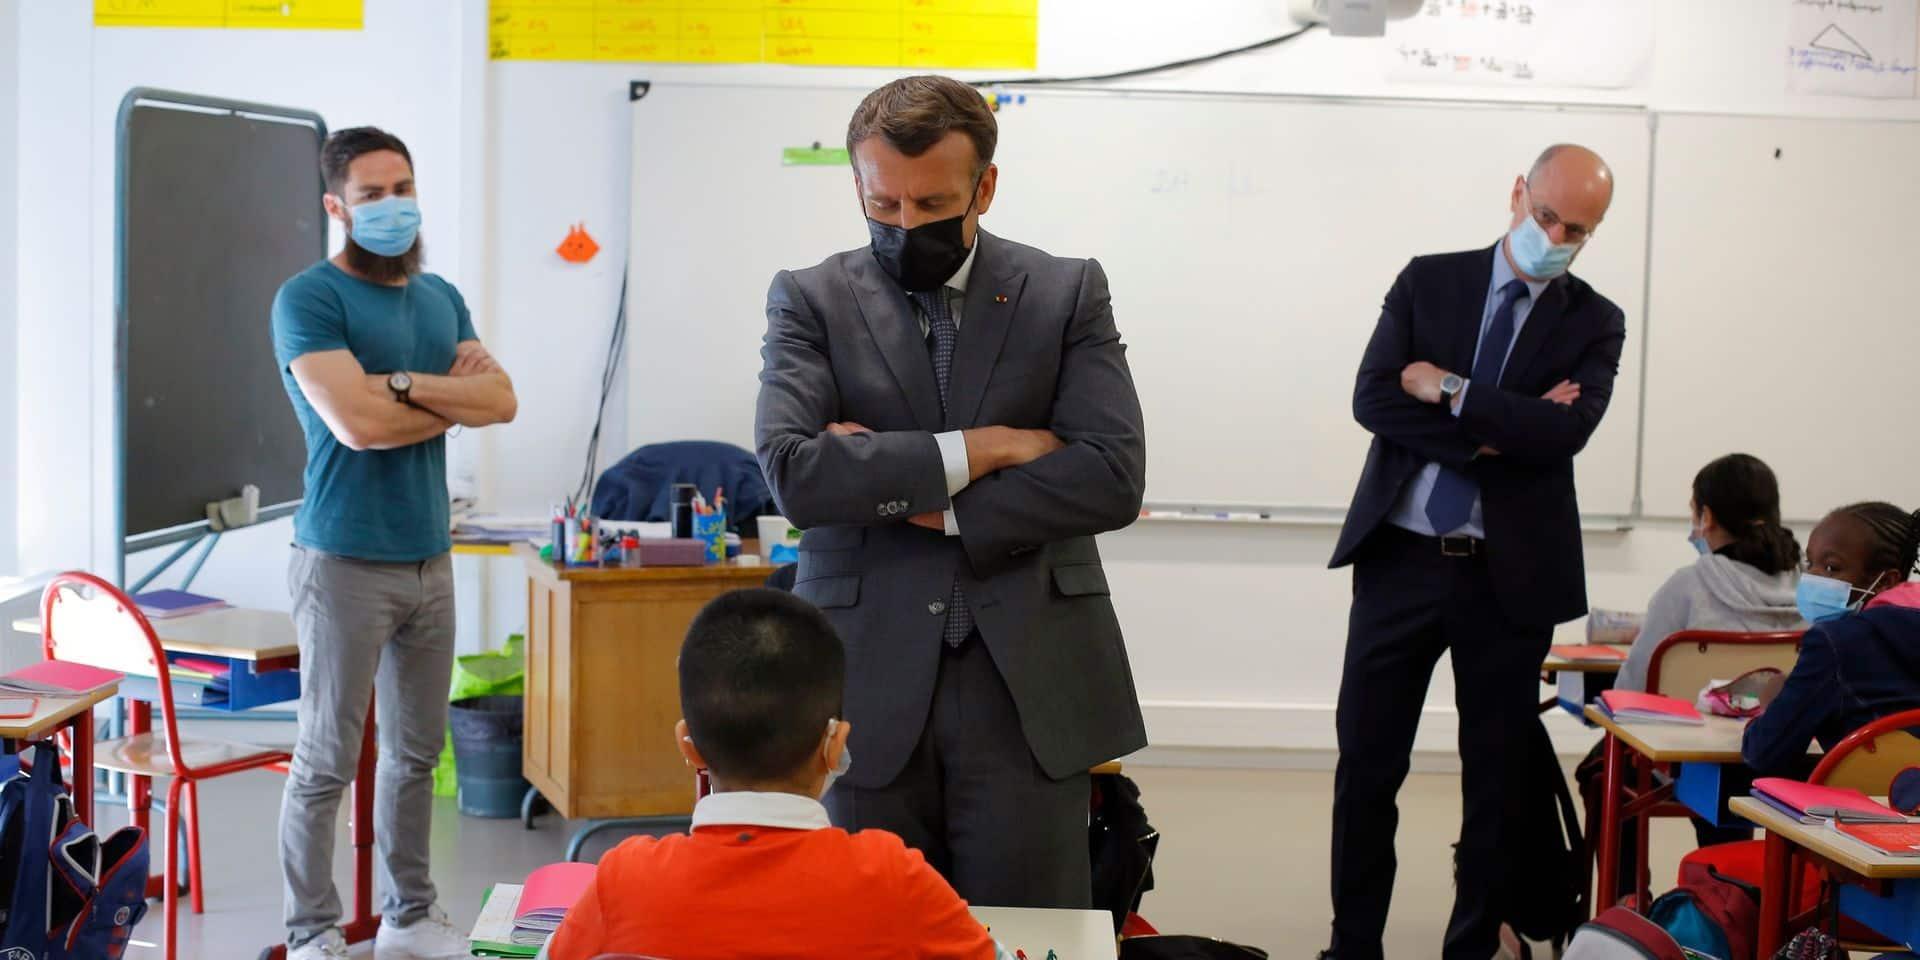 """En France, une réouverture des écoles à hauts risques : """"On a un peu peur que ça referme tout de suite"""""""